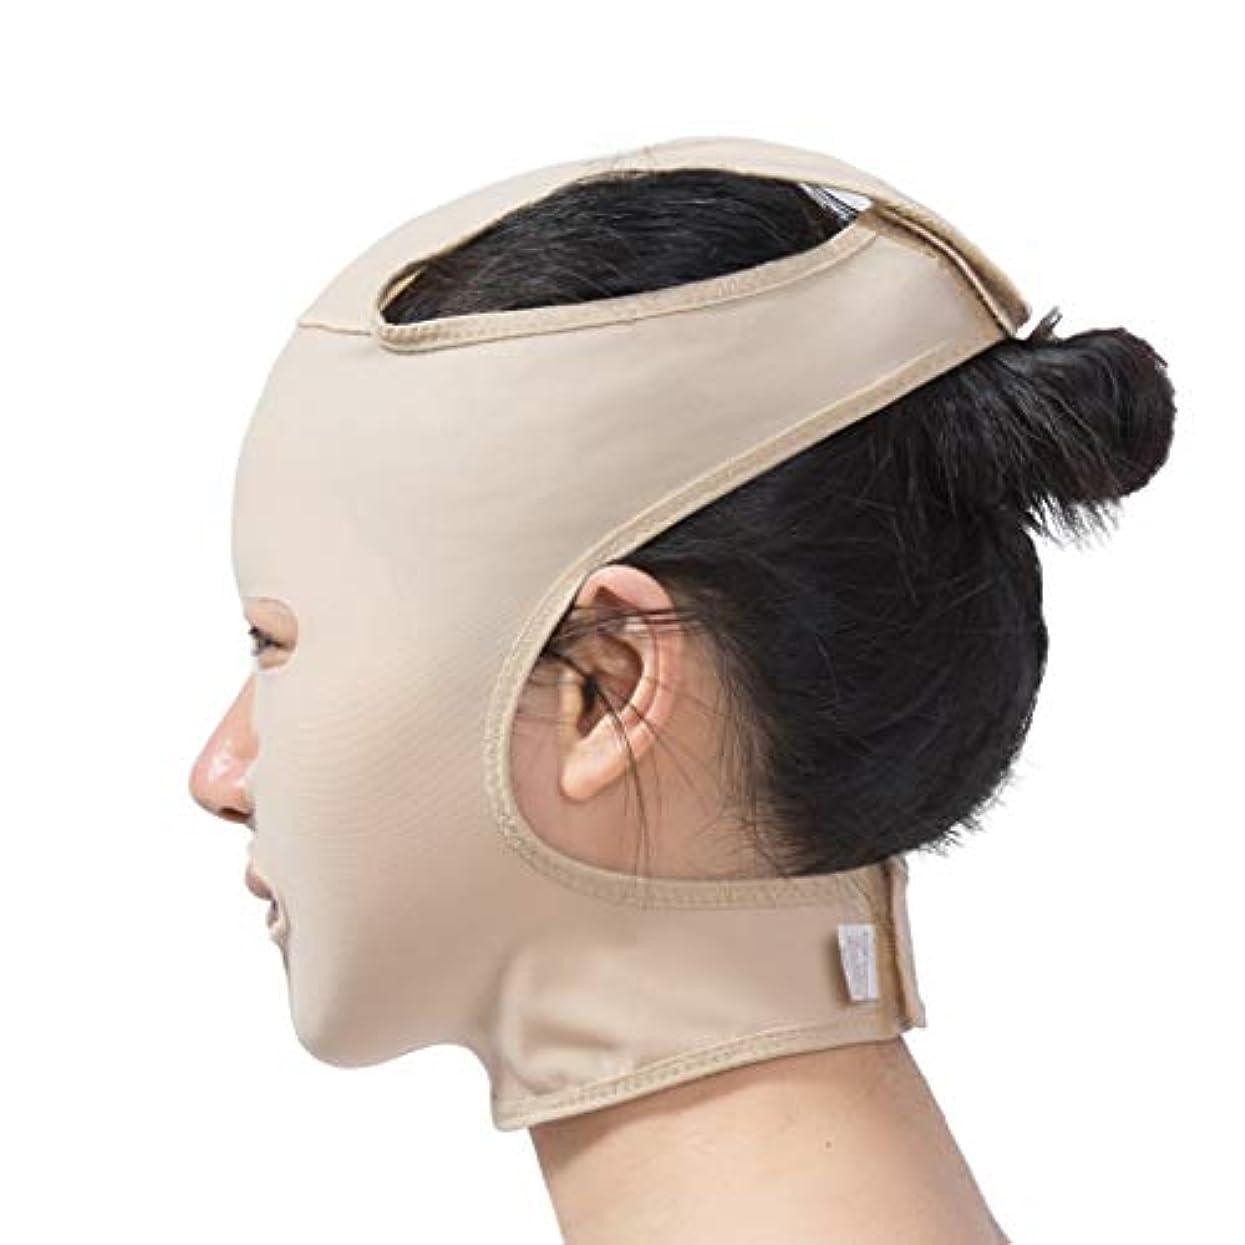 ブロックする指気難しいXHLMRMJ フェイスリフトマスク、フルフェイスマスク医療グレード圧力フェイスダブルチンプラスチック脂肪吸引術弾性包帯ヘッドギア後の顔の脂肪吸引術 (Size : XL)